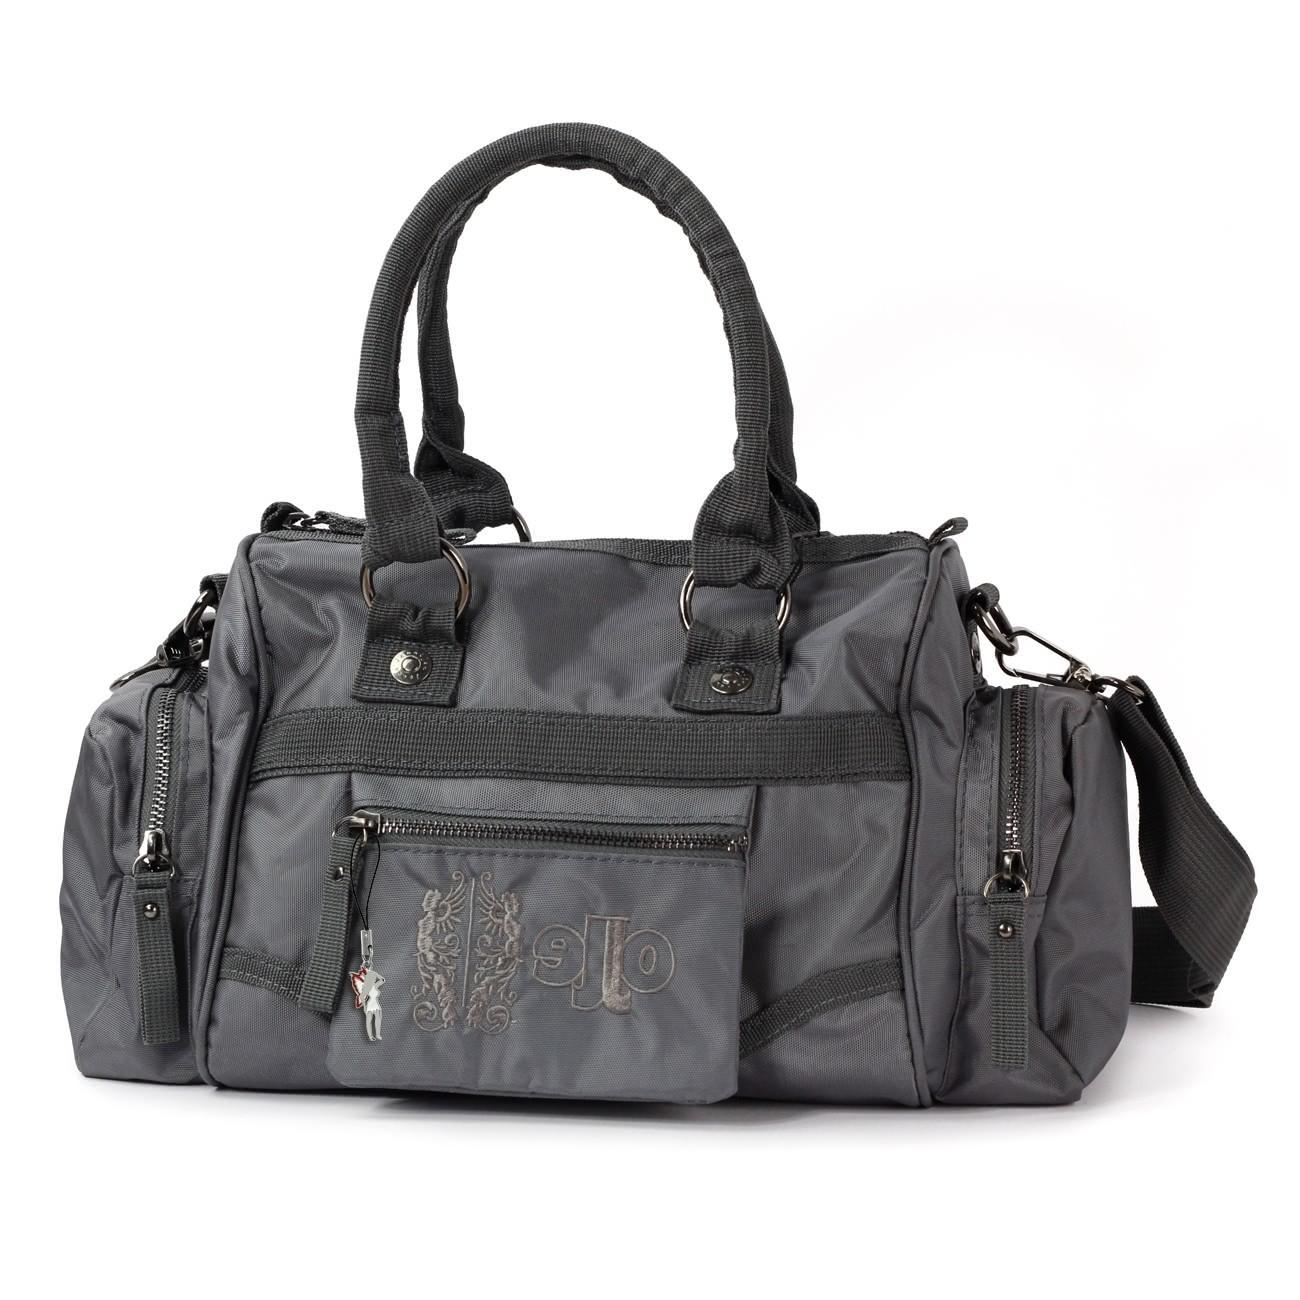 Jennifer Jones Schultertasche Nylon grau Fashion Henkeltasche Handtasche OTJ216K